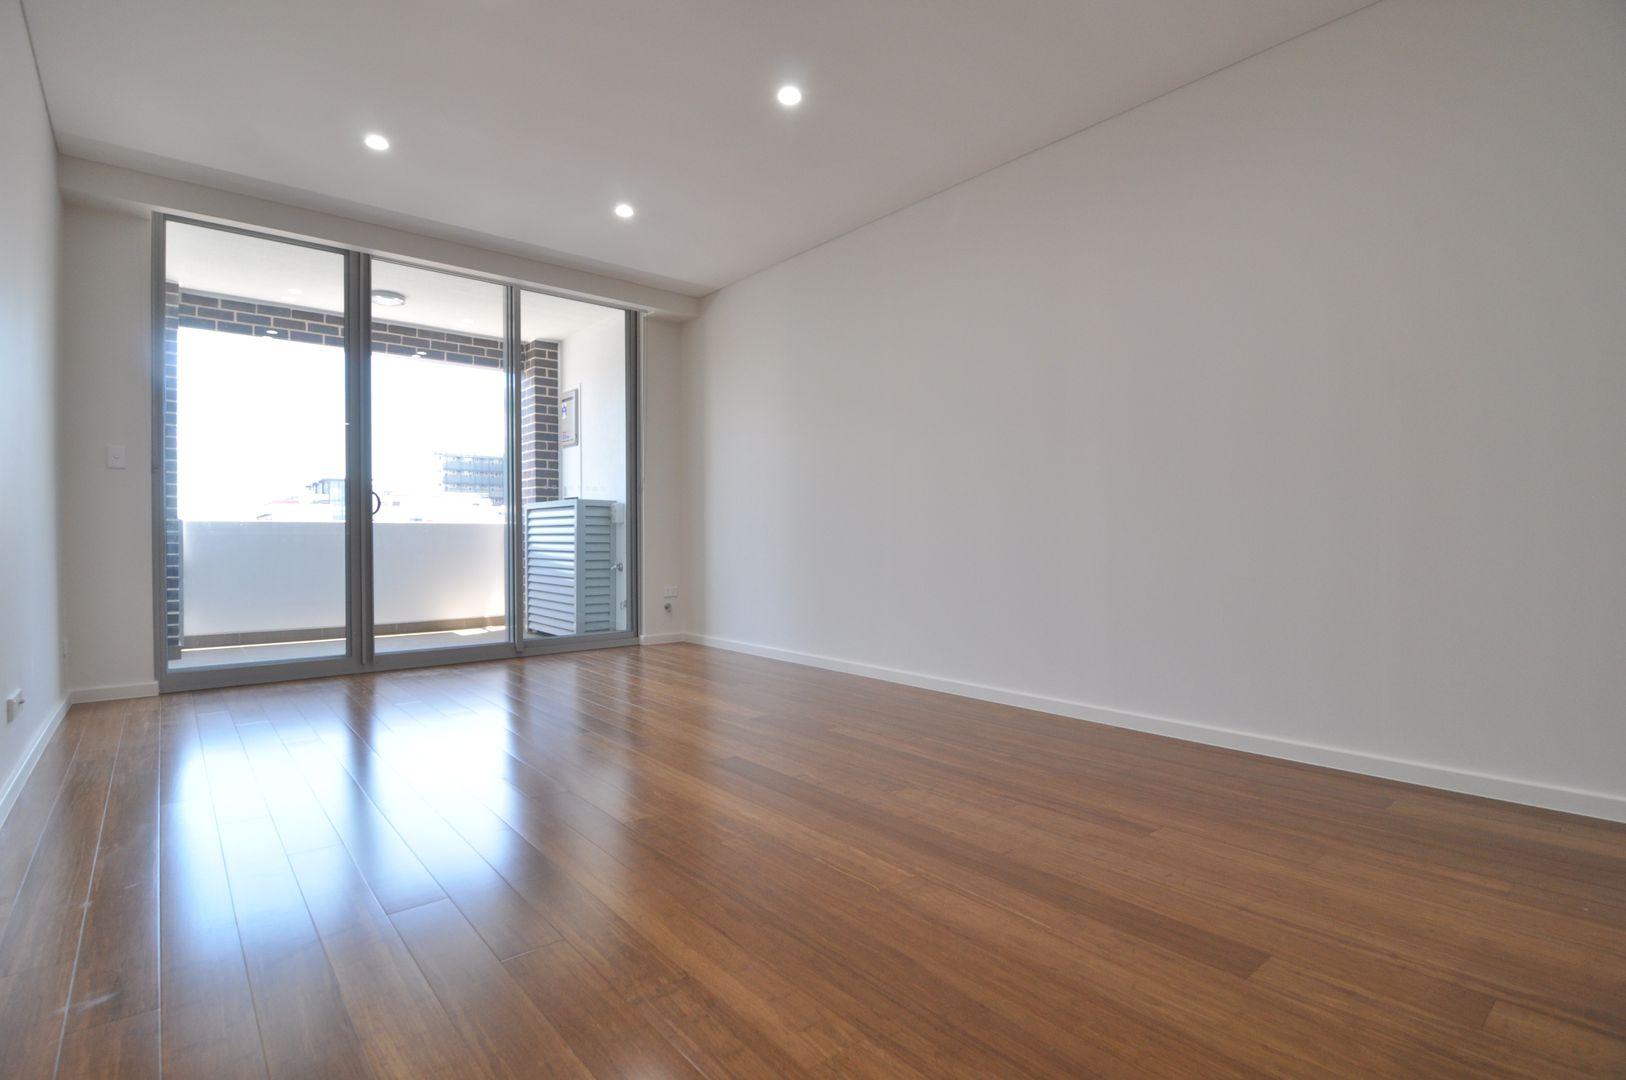 L4/69-71 Parramatta Rd, Camperdown NSW 2050, Image 0